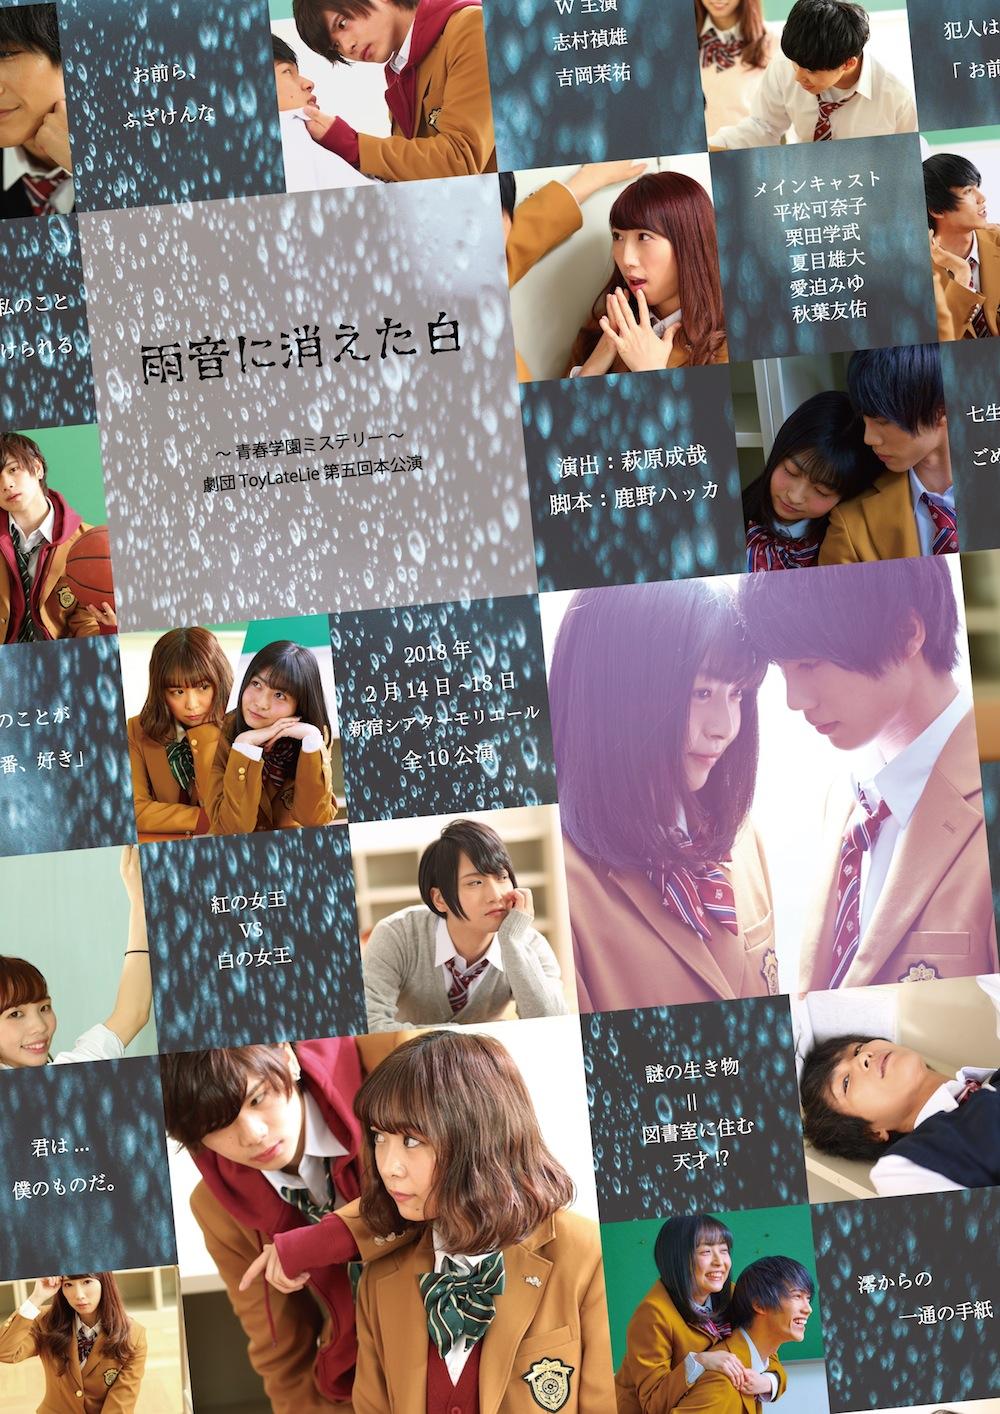 志村禎雄主演×吉岡茉祐ヒロイン舞台『雨音に消えた白』